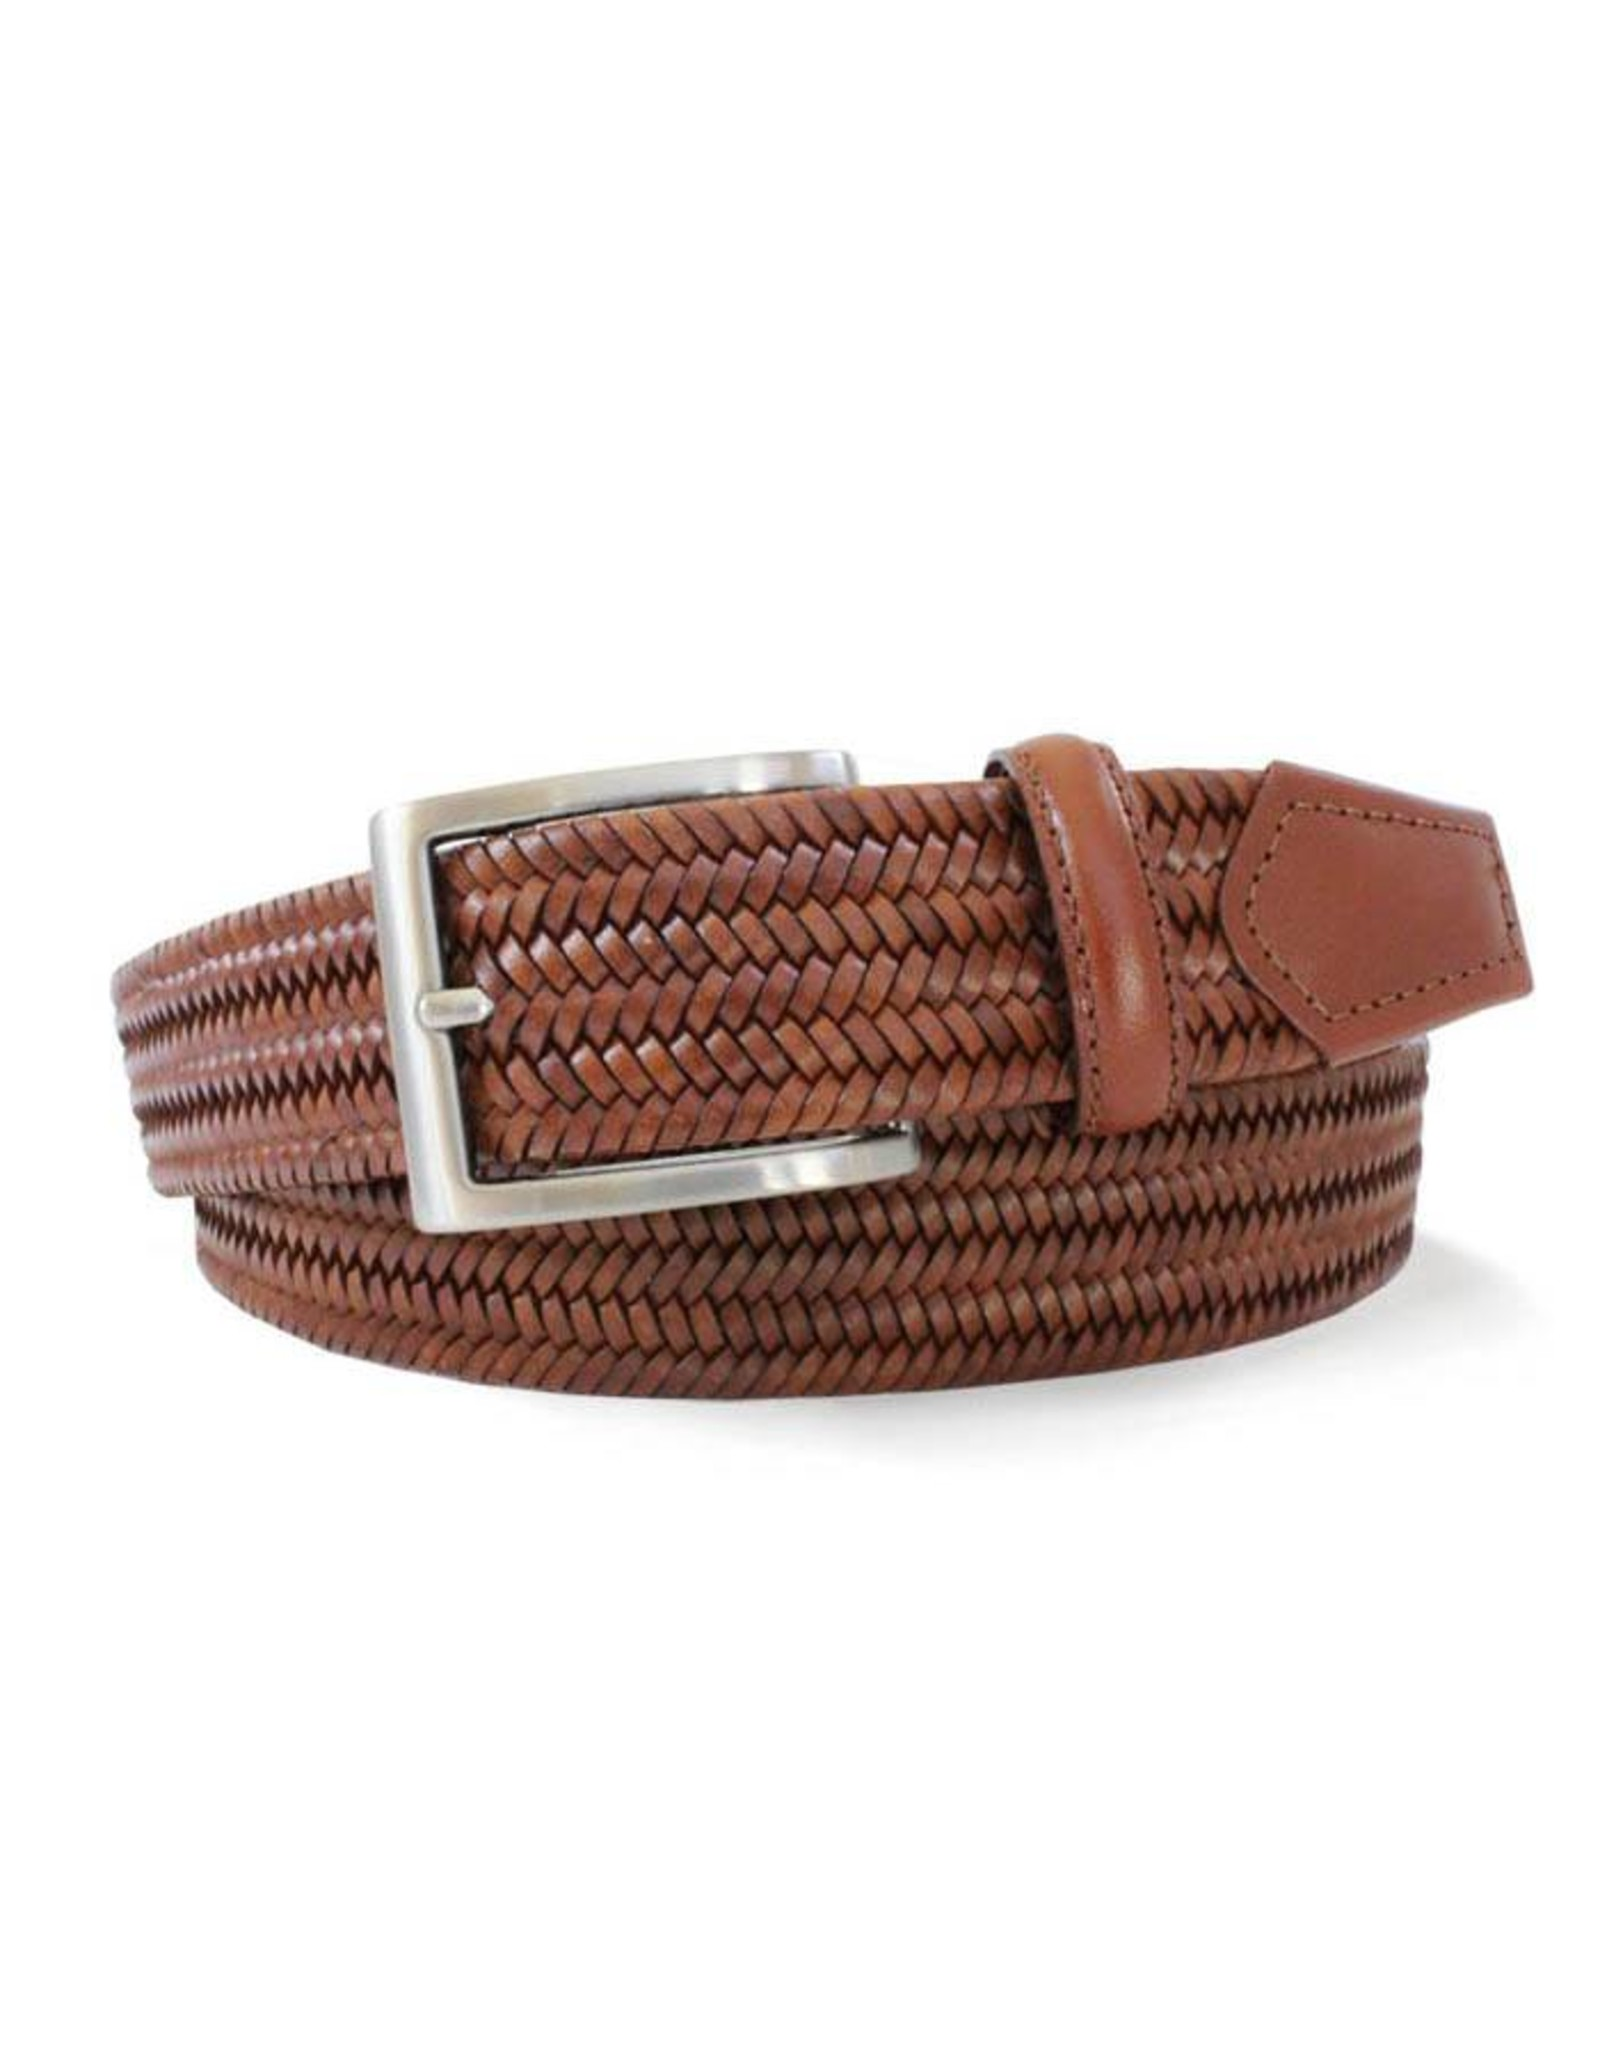 Robert Charles Woven Belt